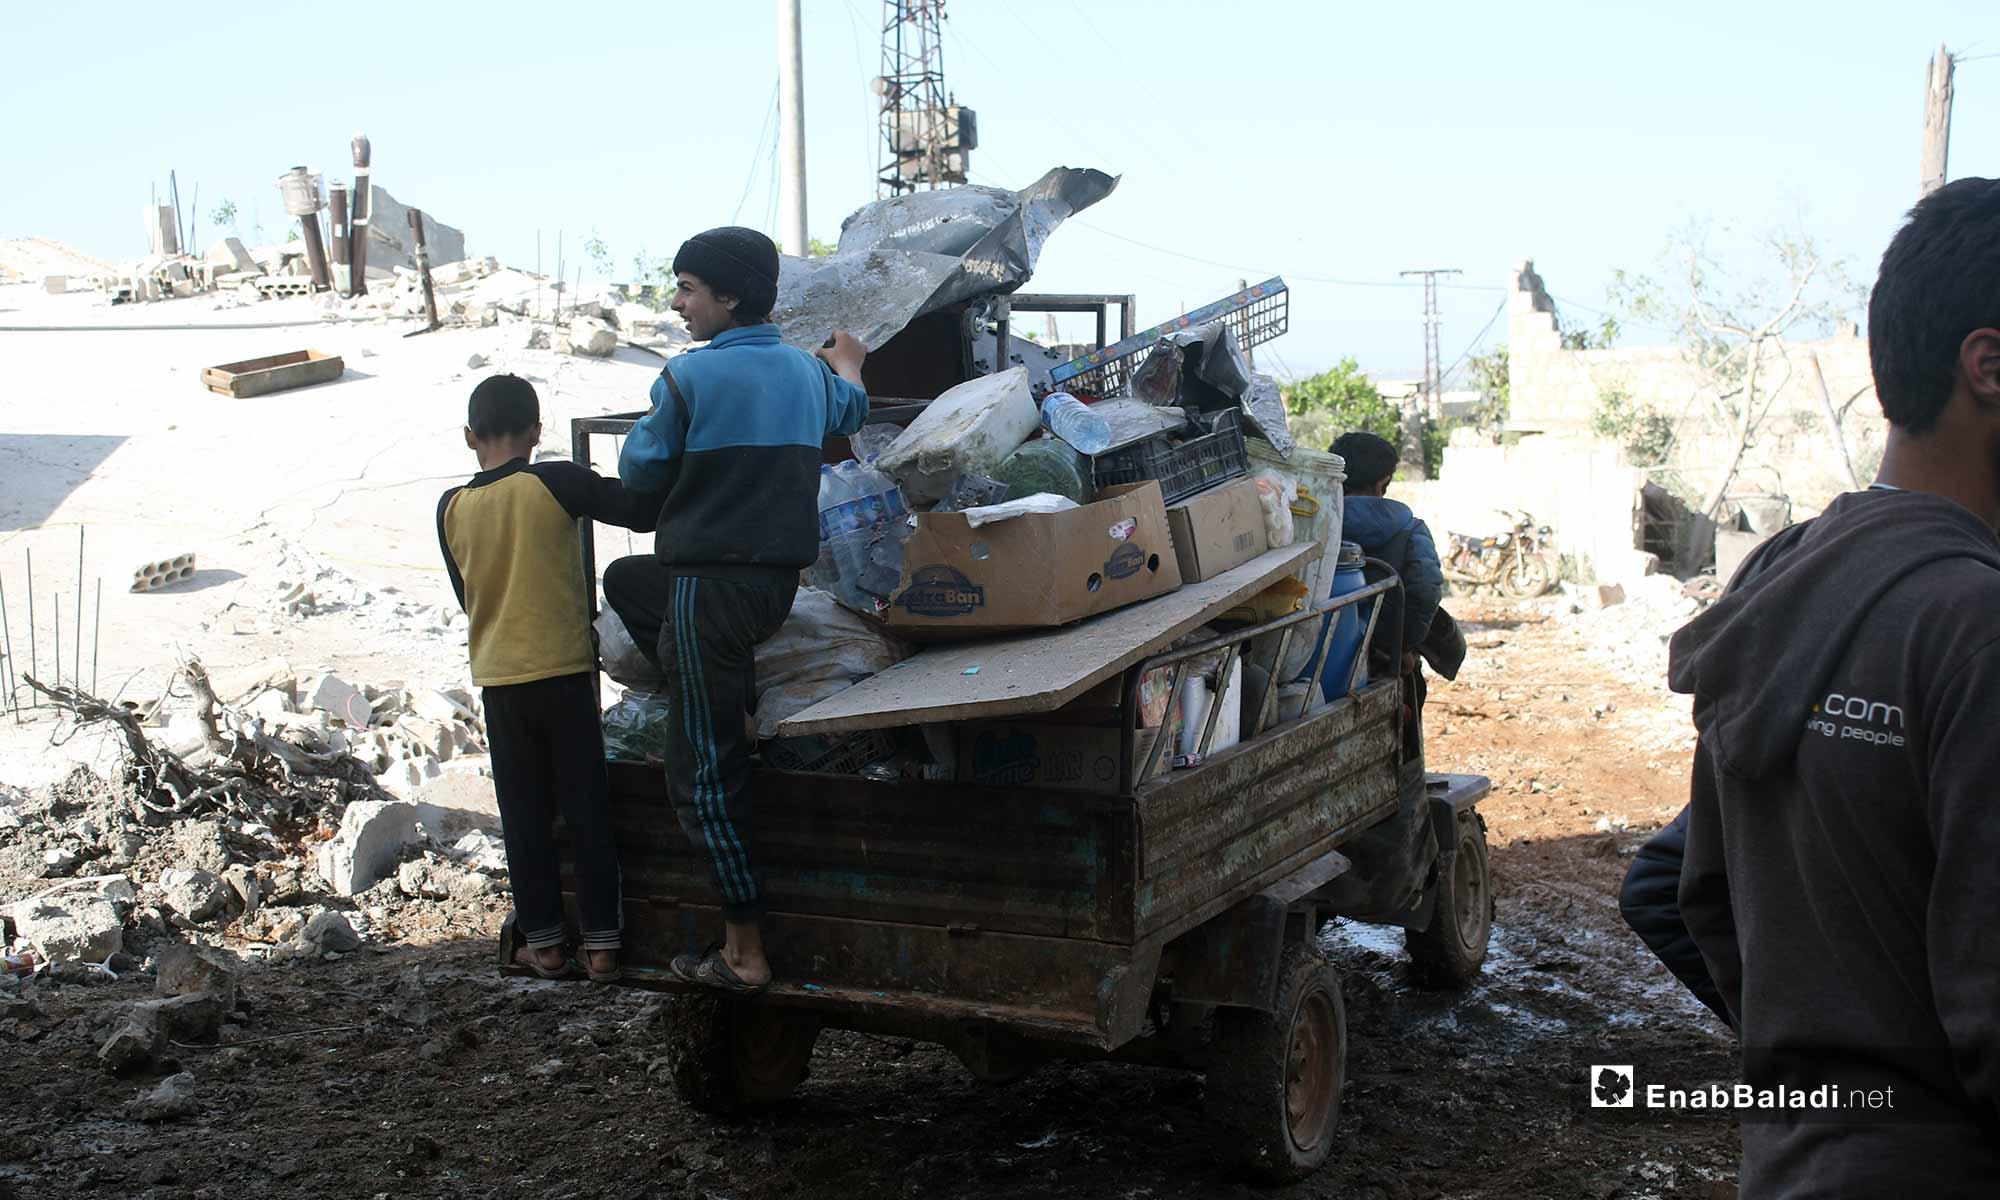 أثار الدمار بسبب القصف على قرية أبديتا في ريف إدلب - 3 من آيار 2019 (عنب بلدي)